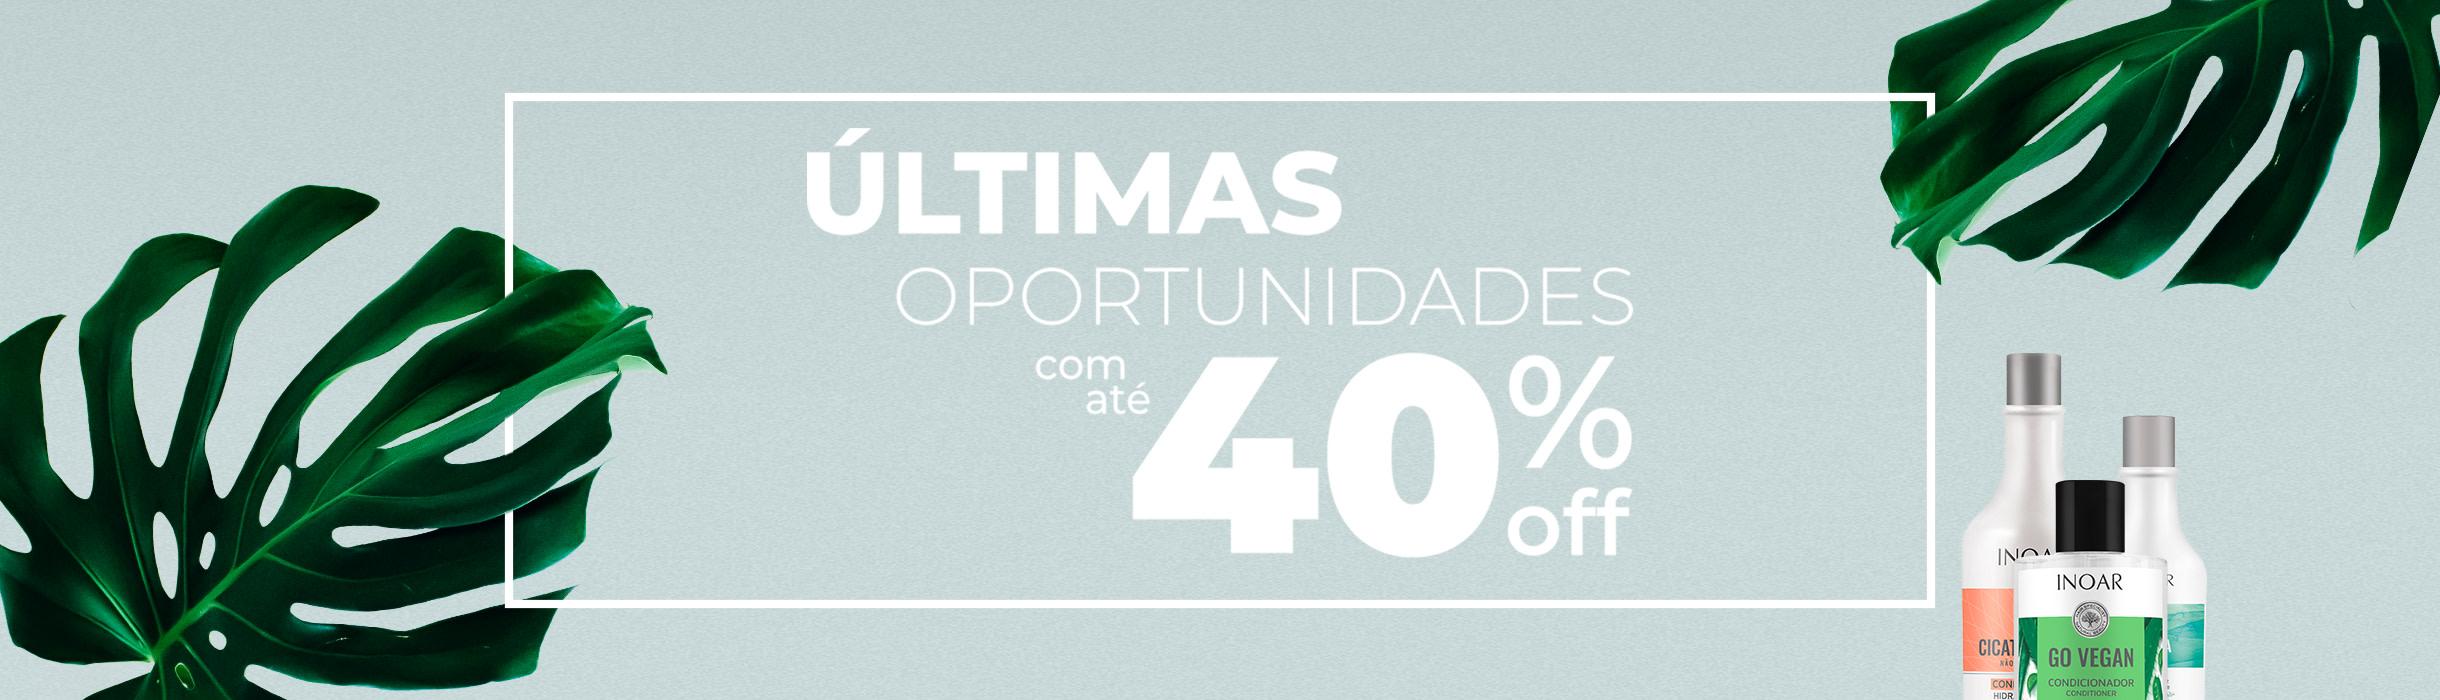 Últimas oportunidades com até 40% OFF